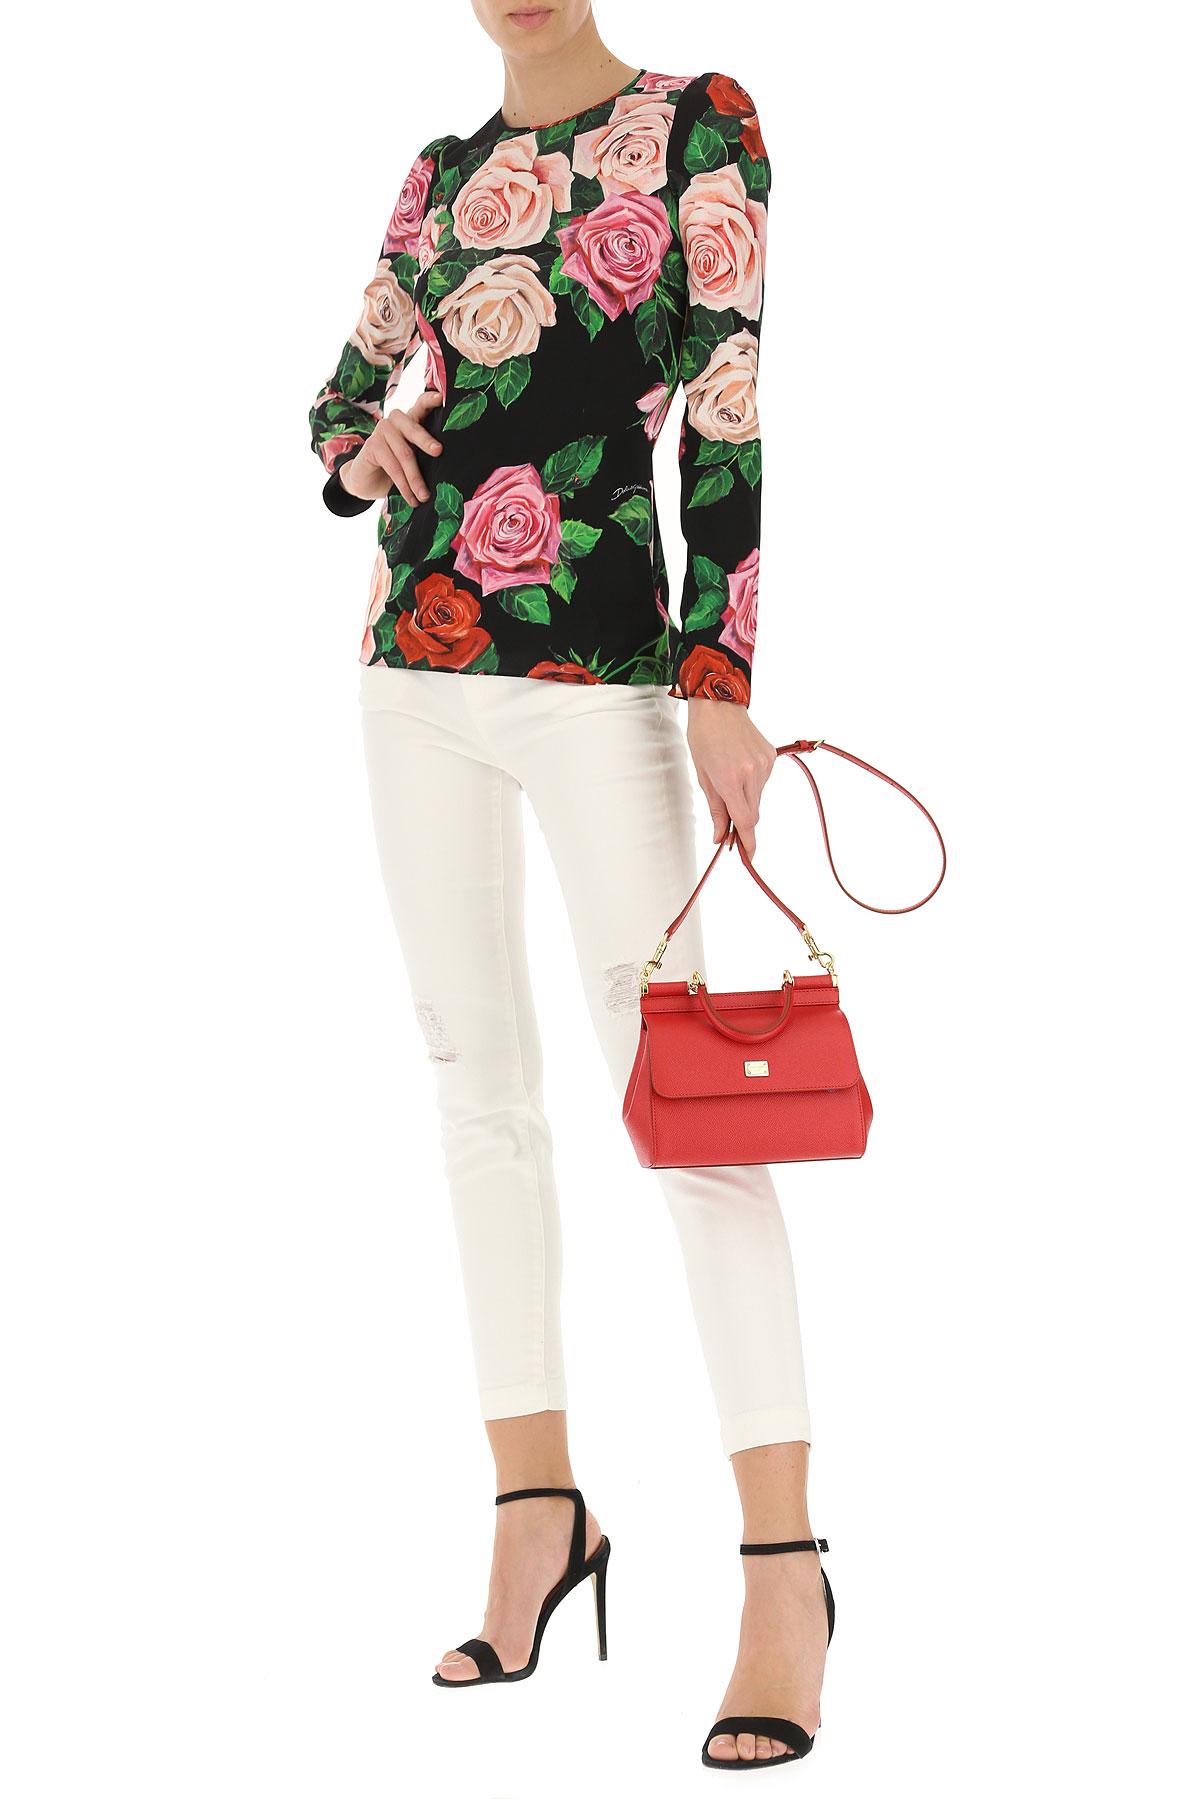 Primavera Dolce Ropa Para verano Gabbana Multicolor nbsp; amp; 2019 Mujer xFnq7FrXw